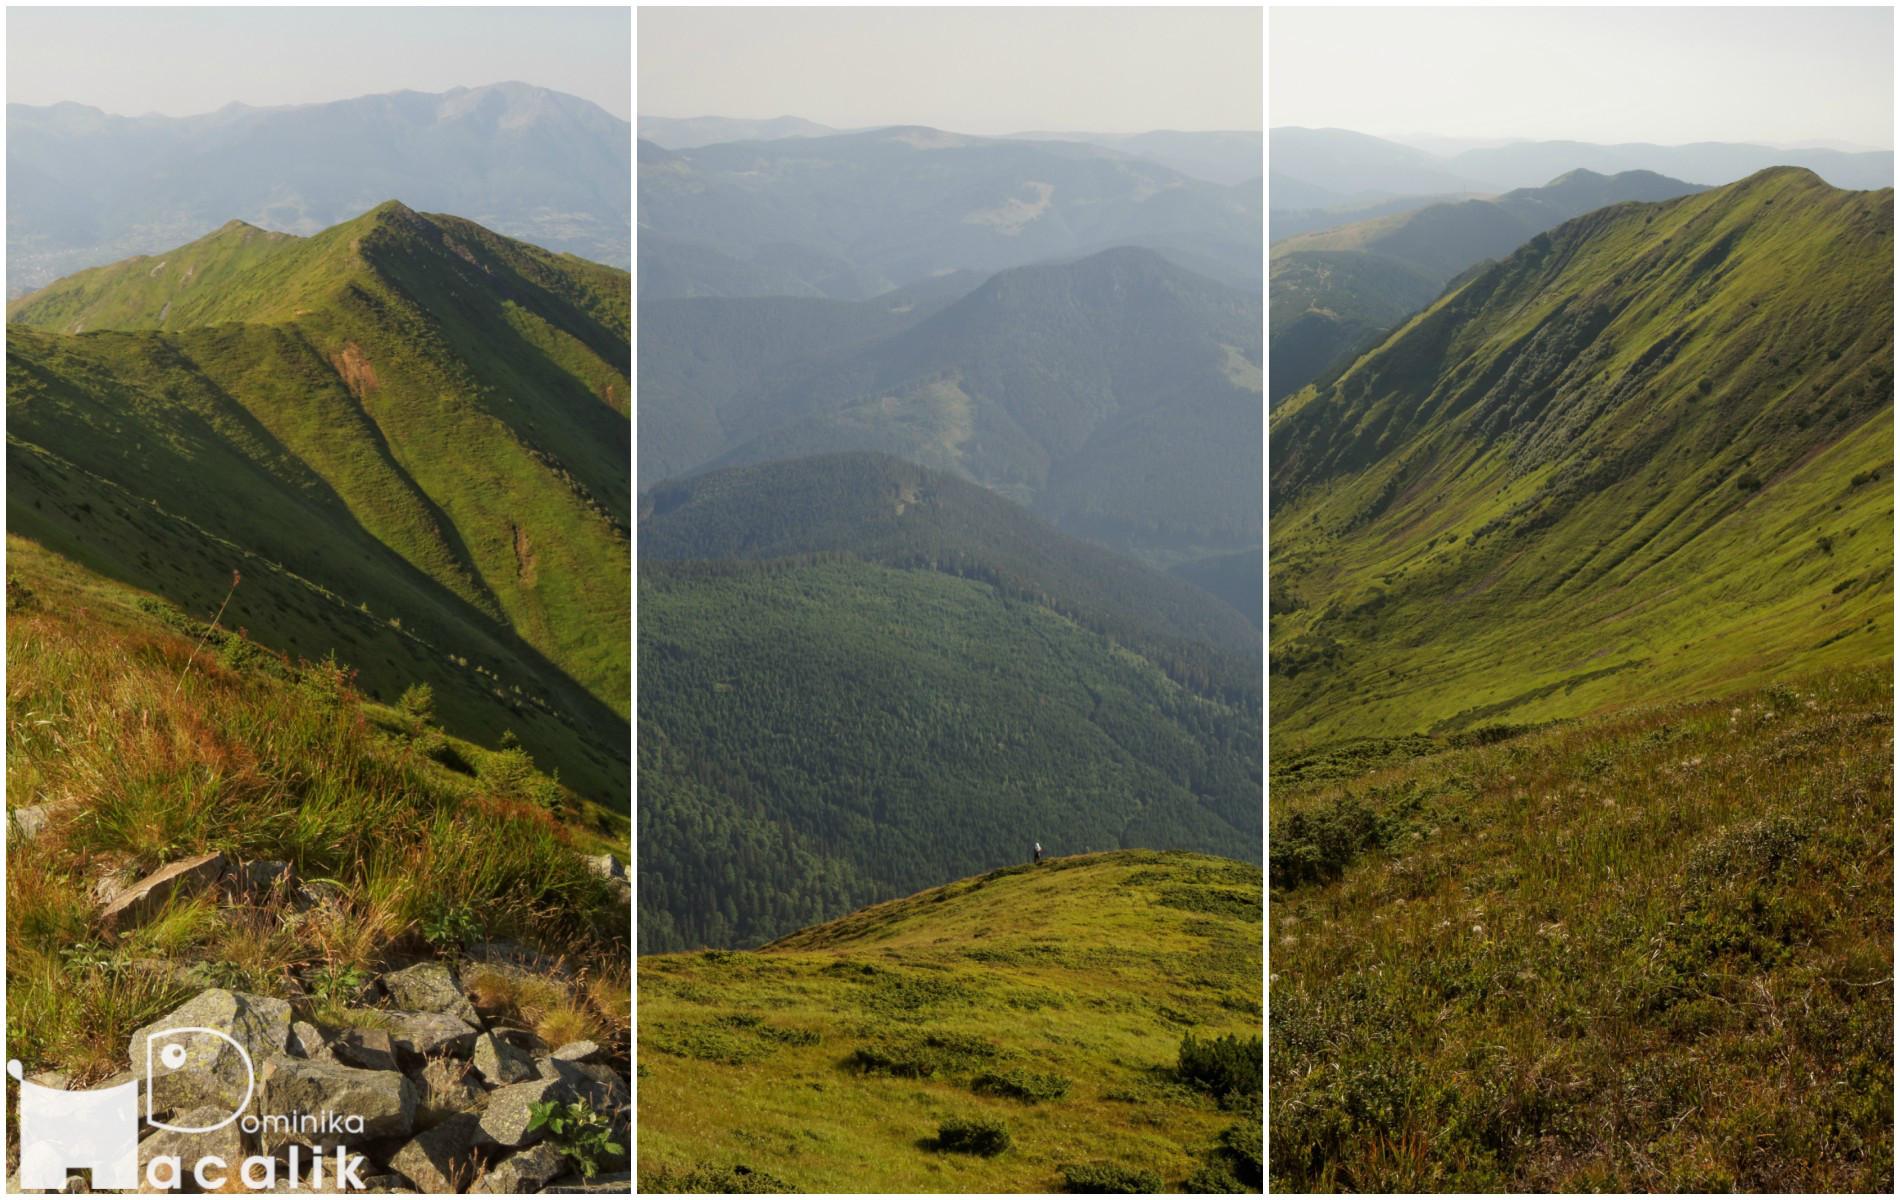 Zdjęcie ze szczytu, w tle pasma wzgórz Maramureszu